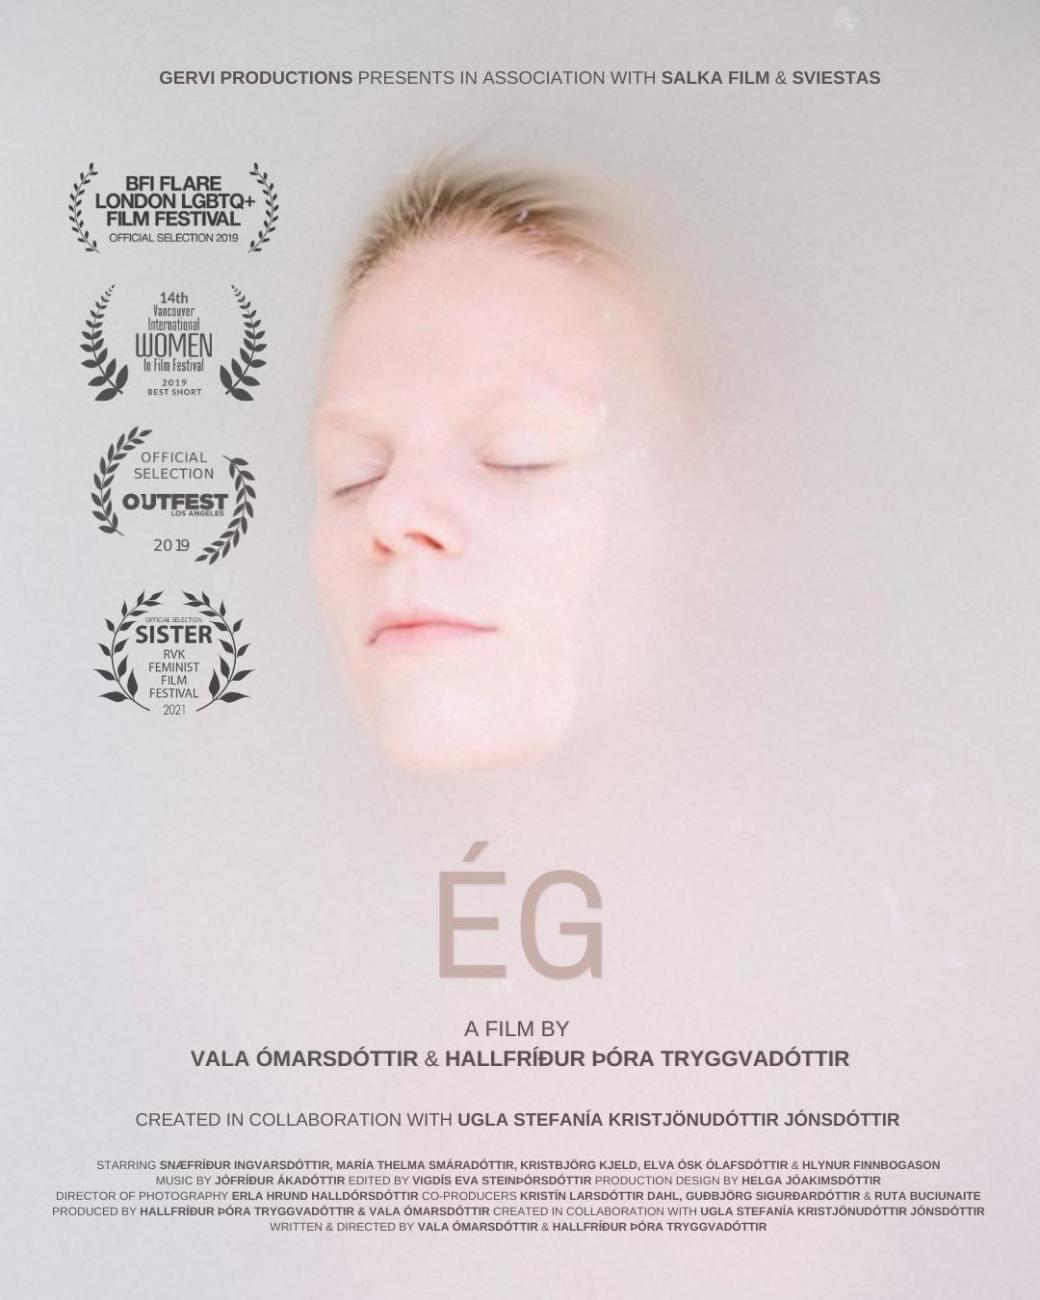 ÉG poster